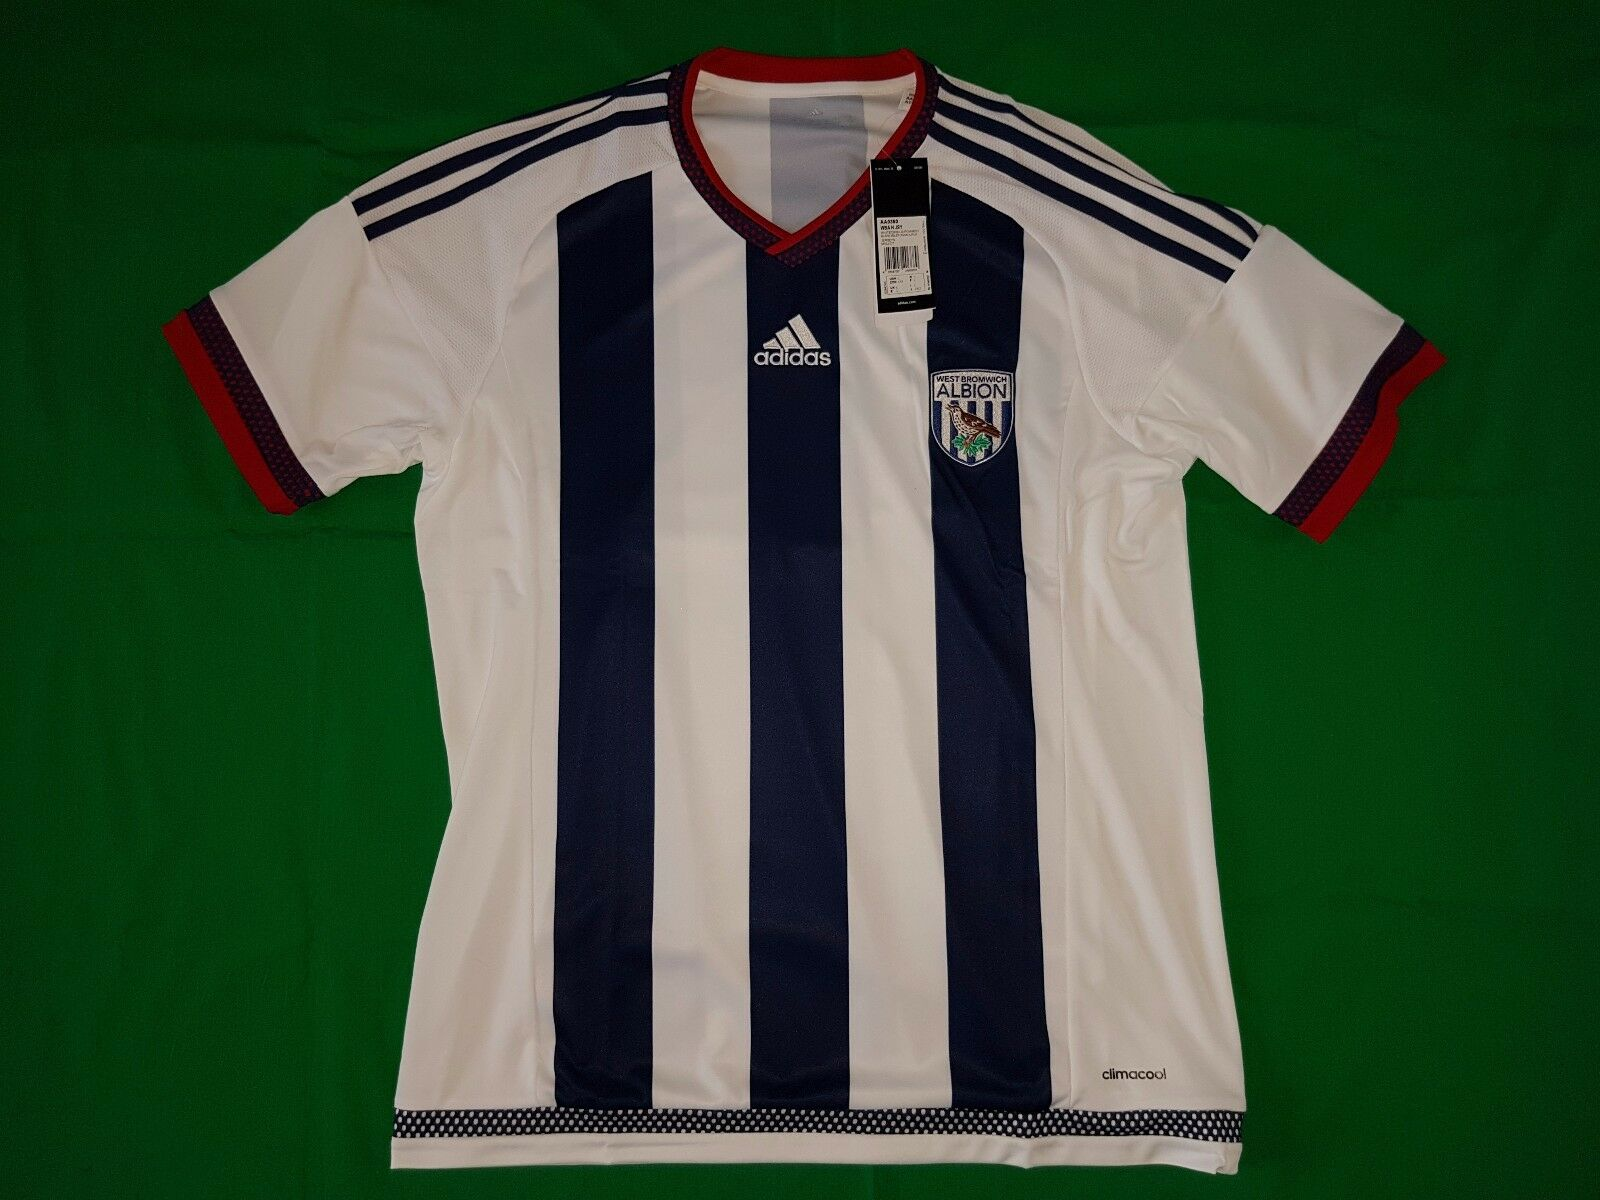 West Bromwich Albion Trikot Home 2015 16 Adidas Größe L -NEU-  | Großer Räumungsverkauf